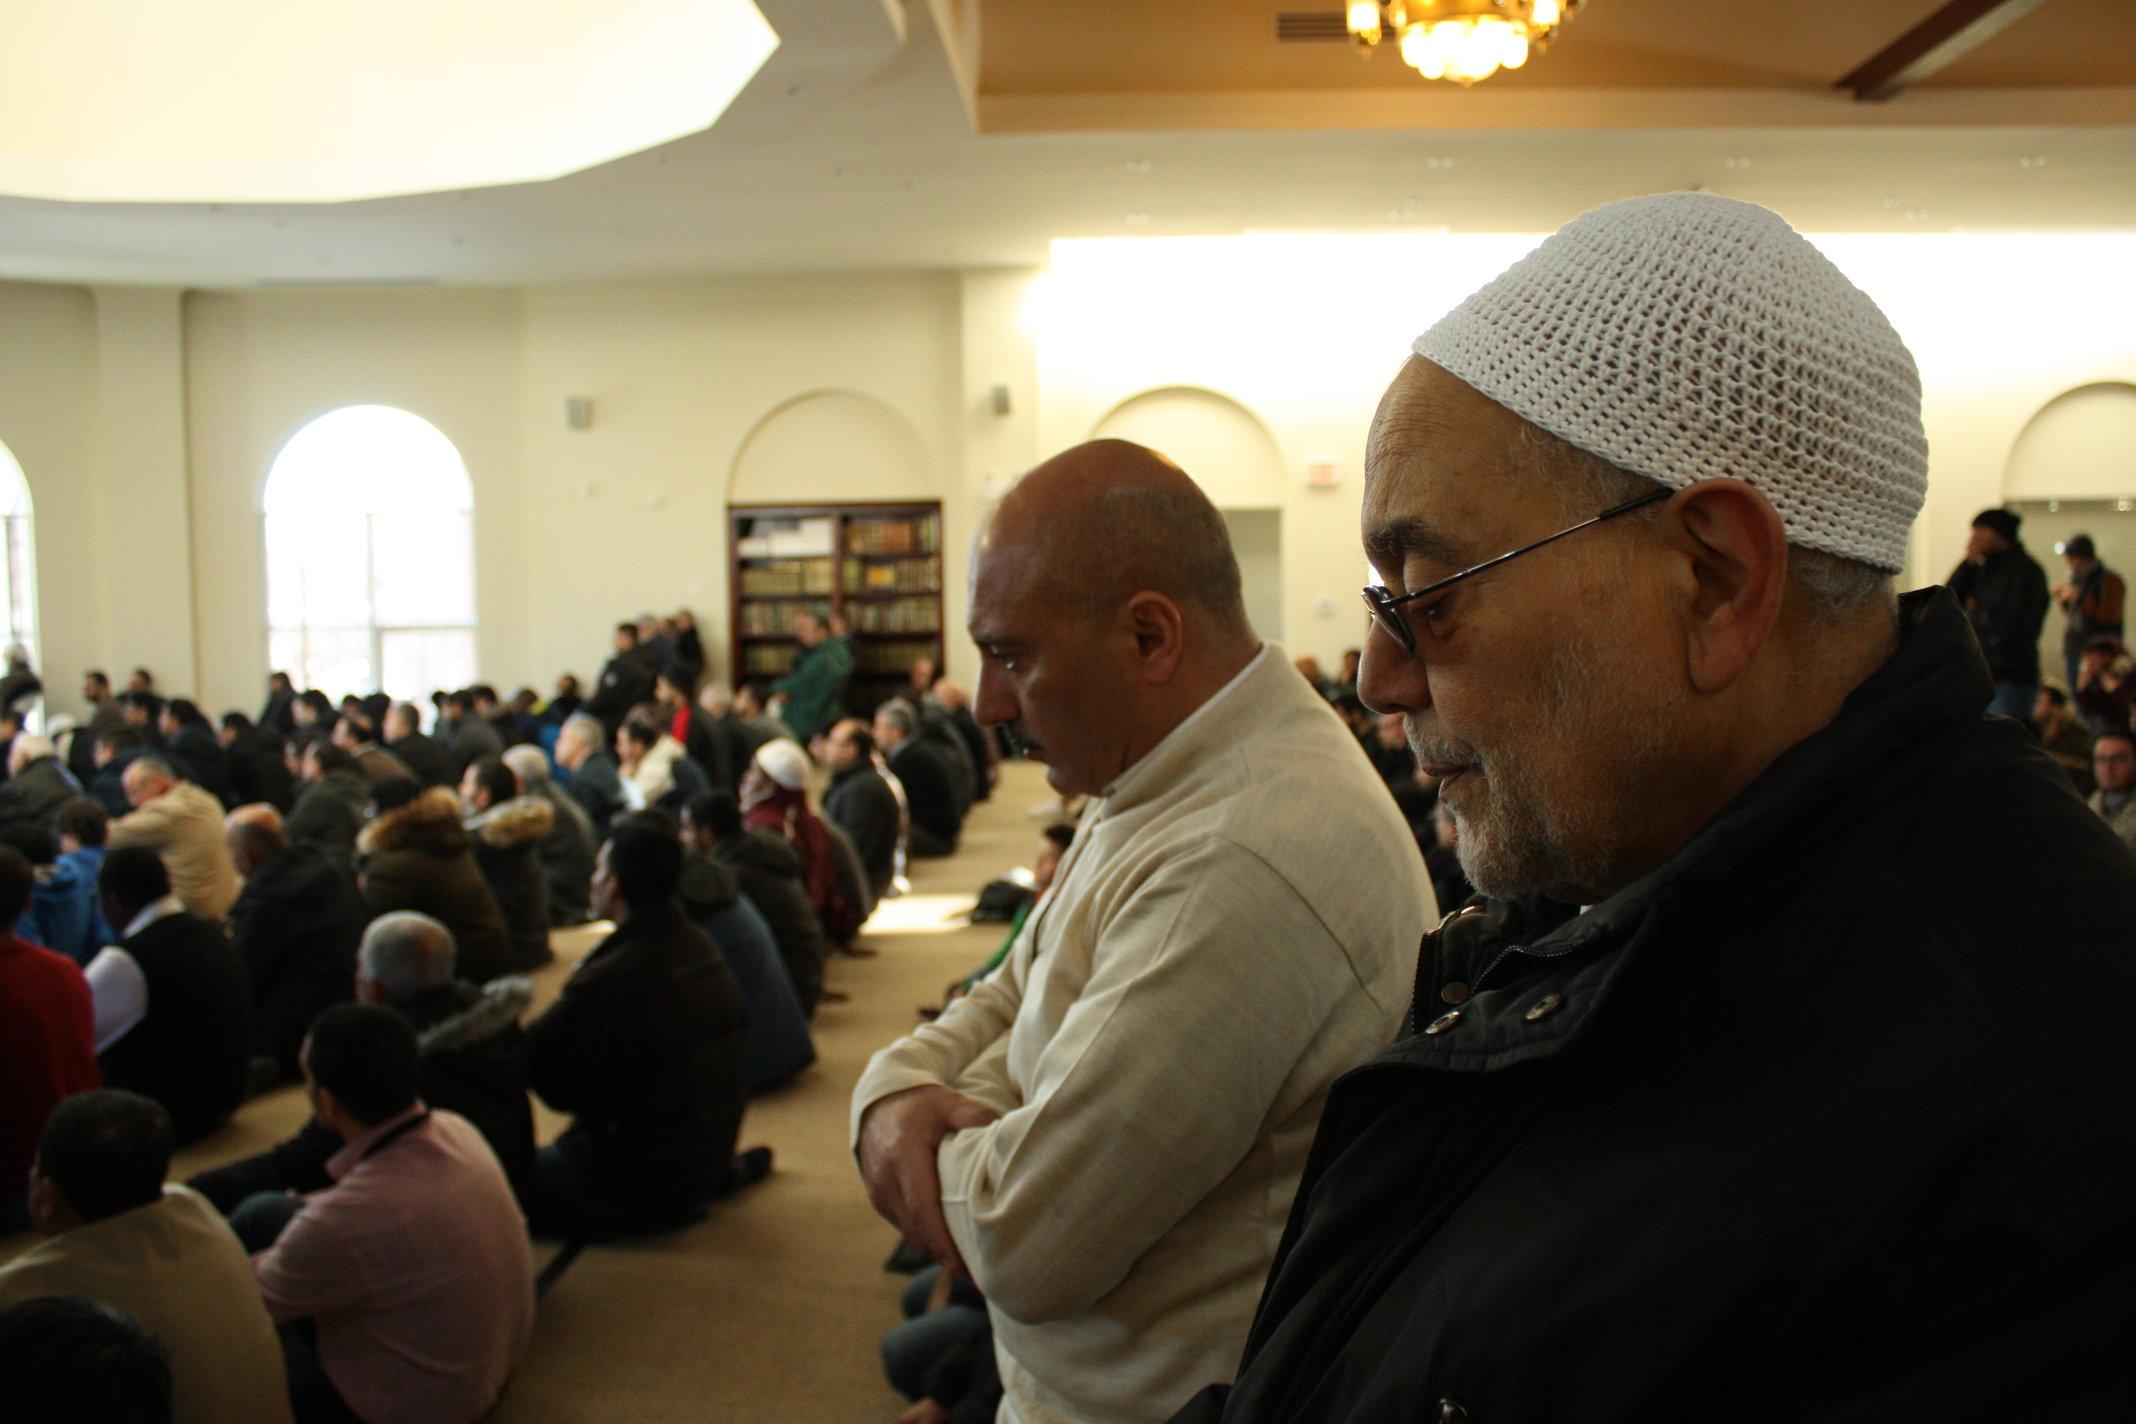 Two men praying at Ummah Masjid